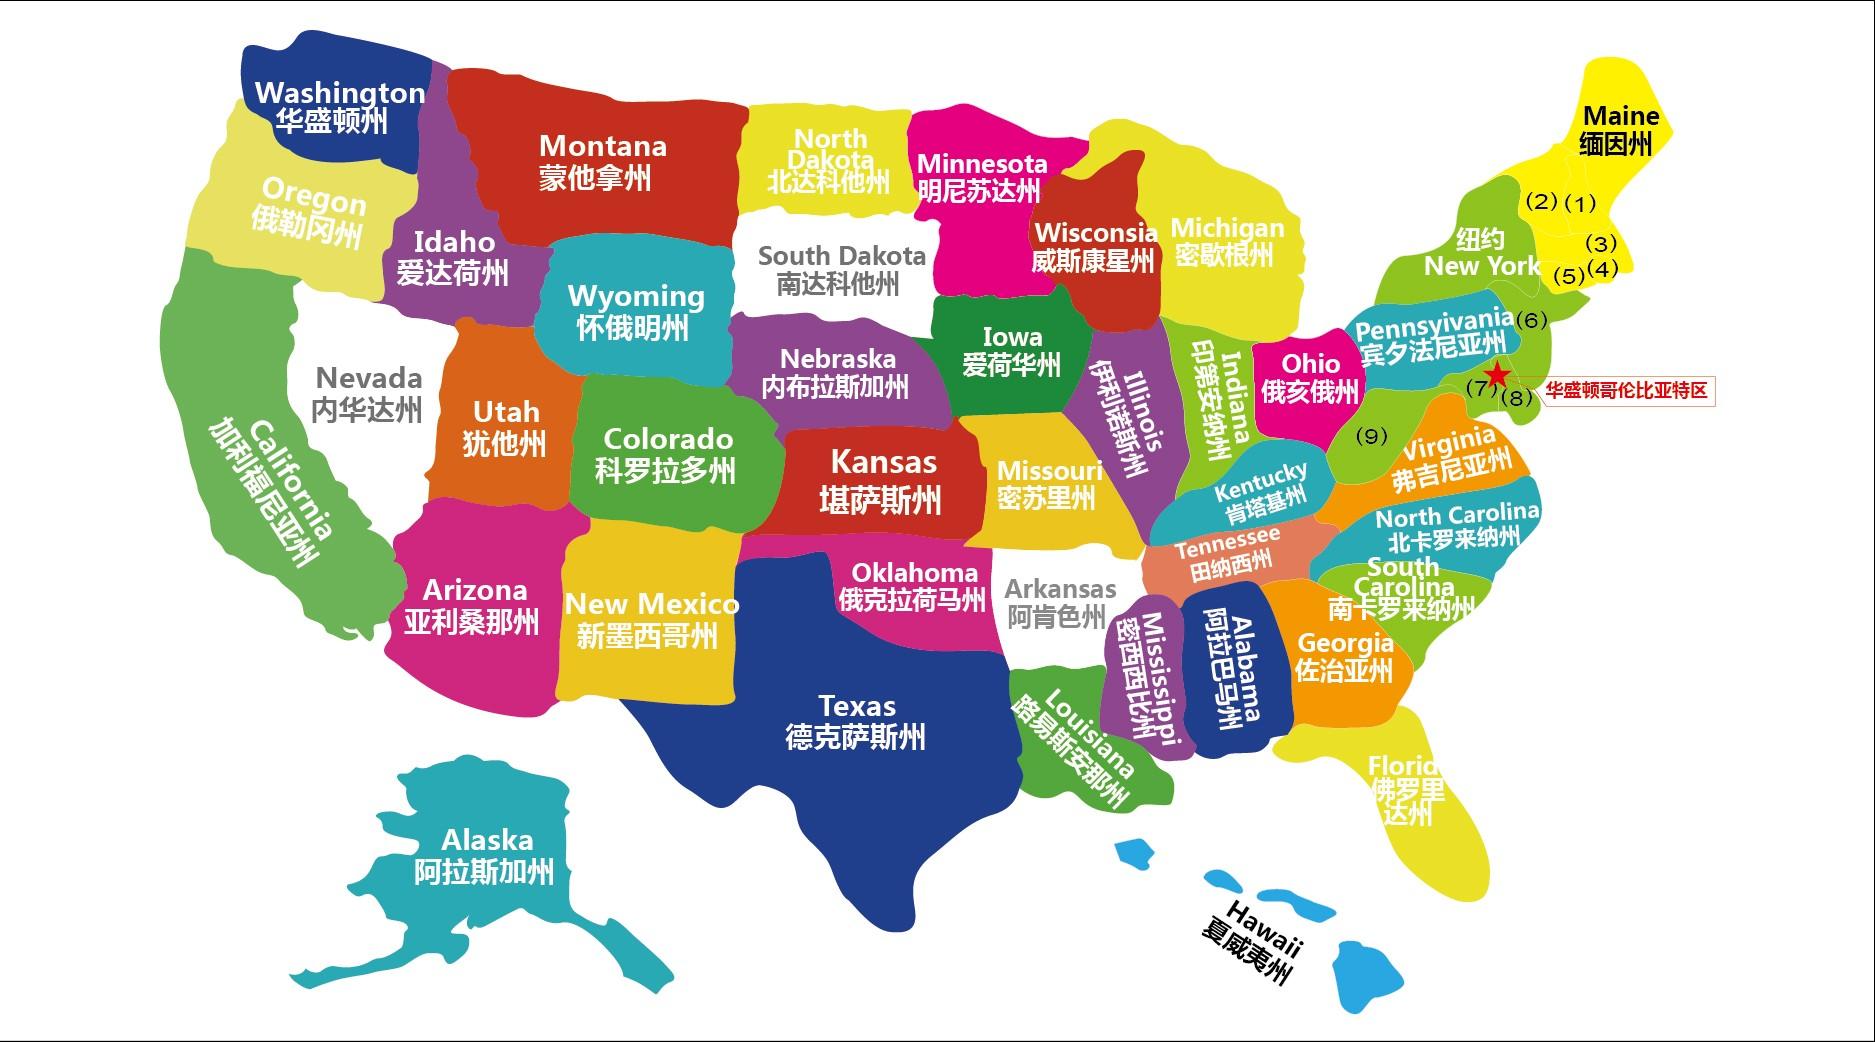 美国迈阿密地图_美国迈阿密旅游地图高清版 - 中青旅